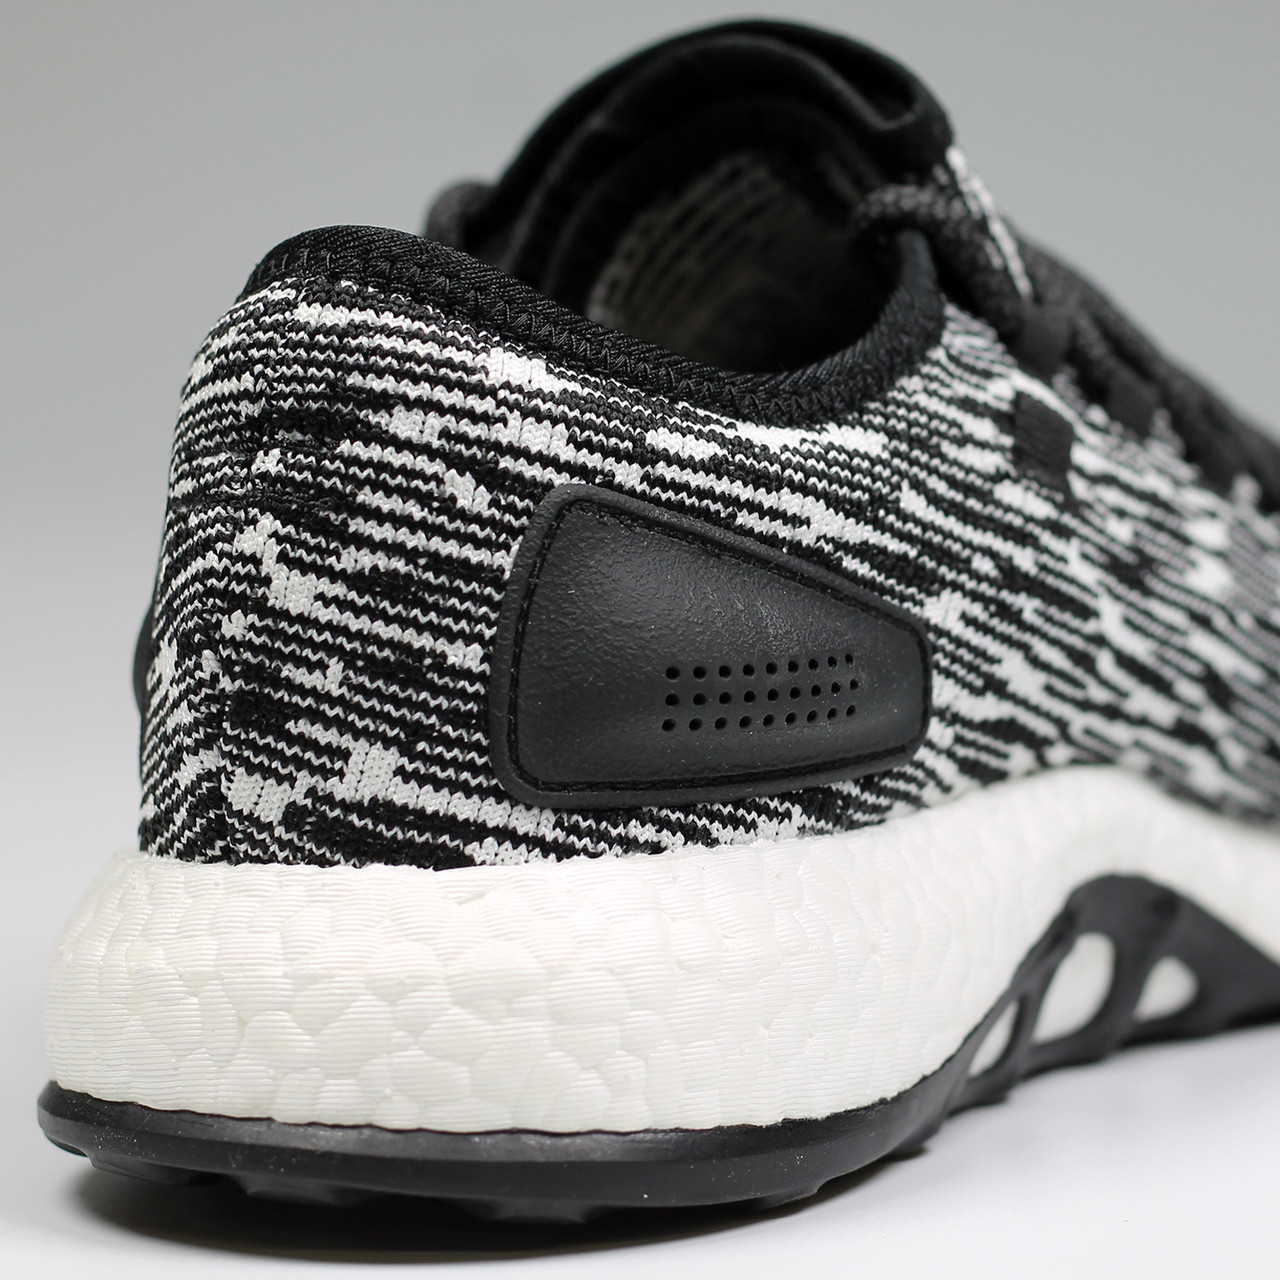 067e7d1a5 Adidas PureBOOST Men s Sneakers BB6280 - Black